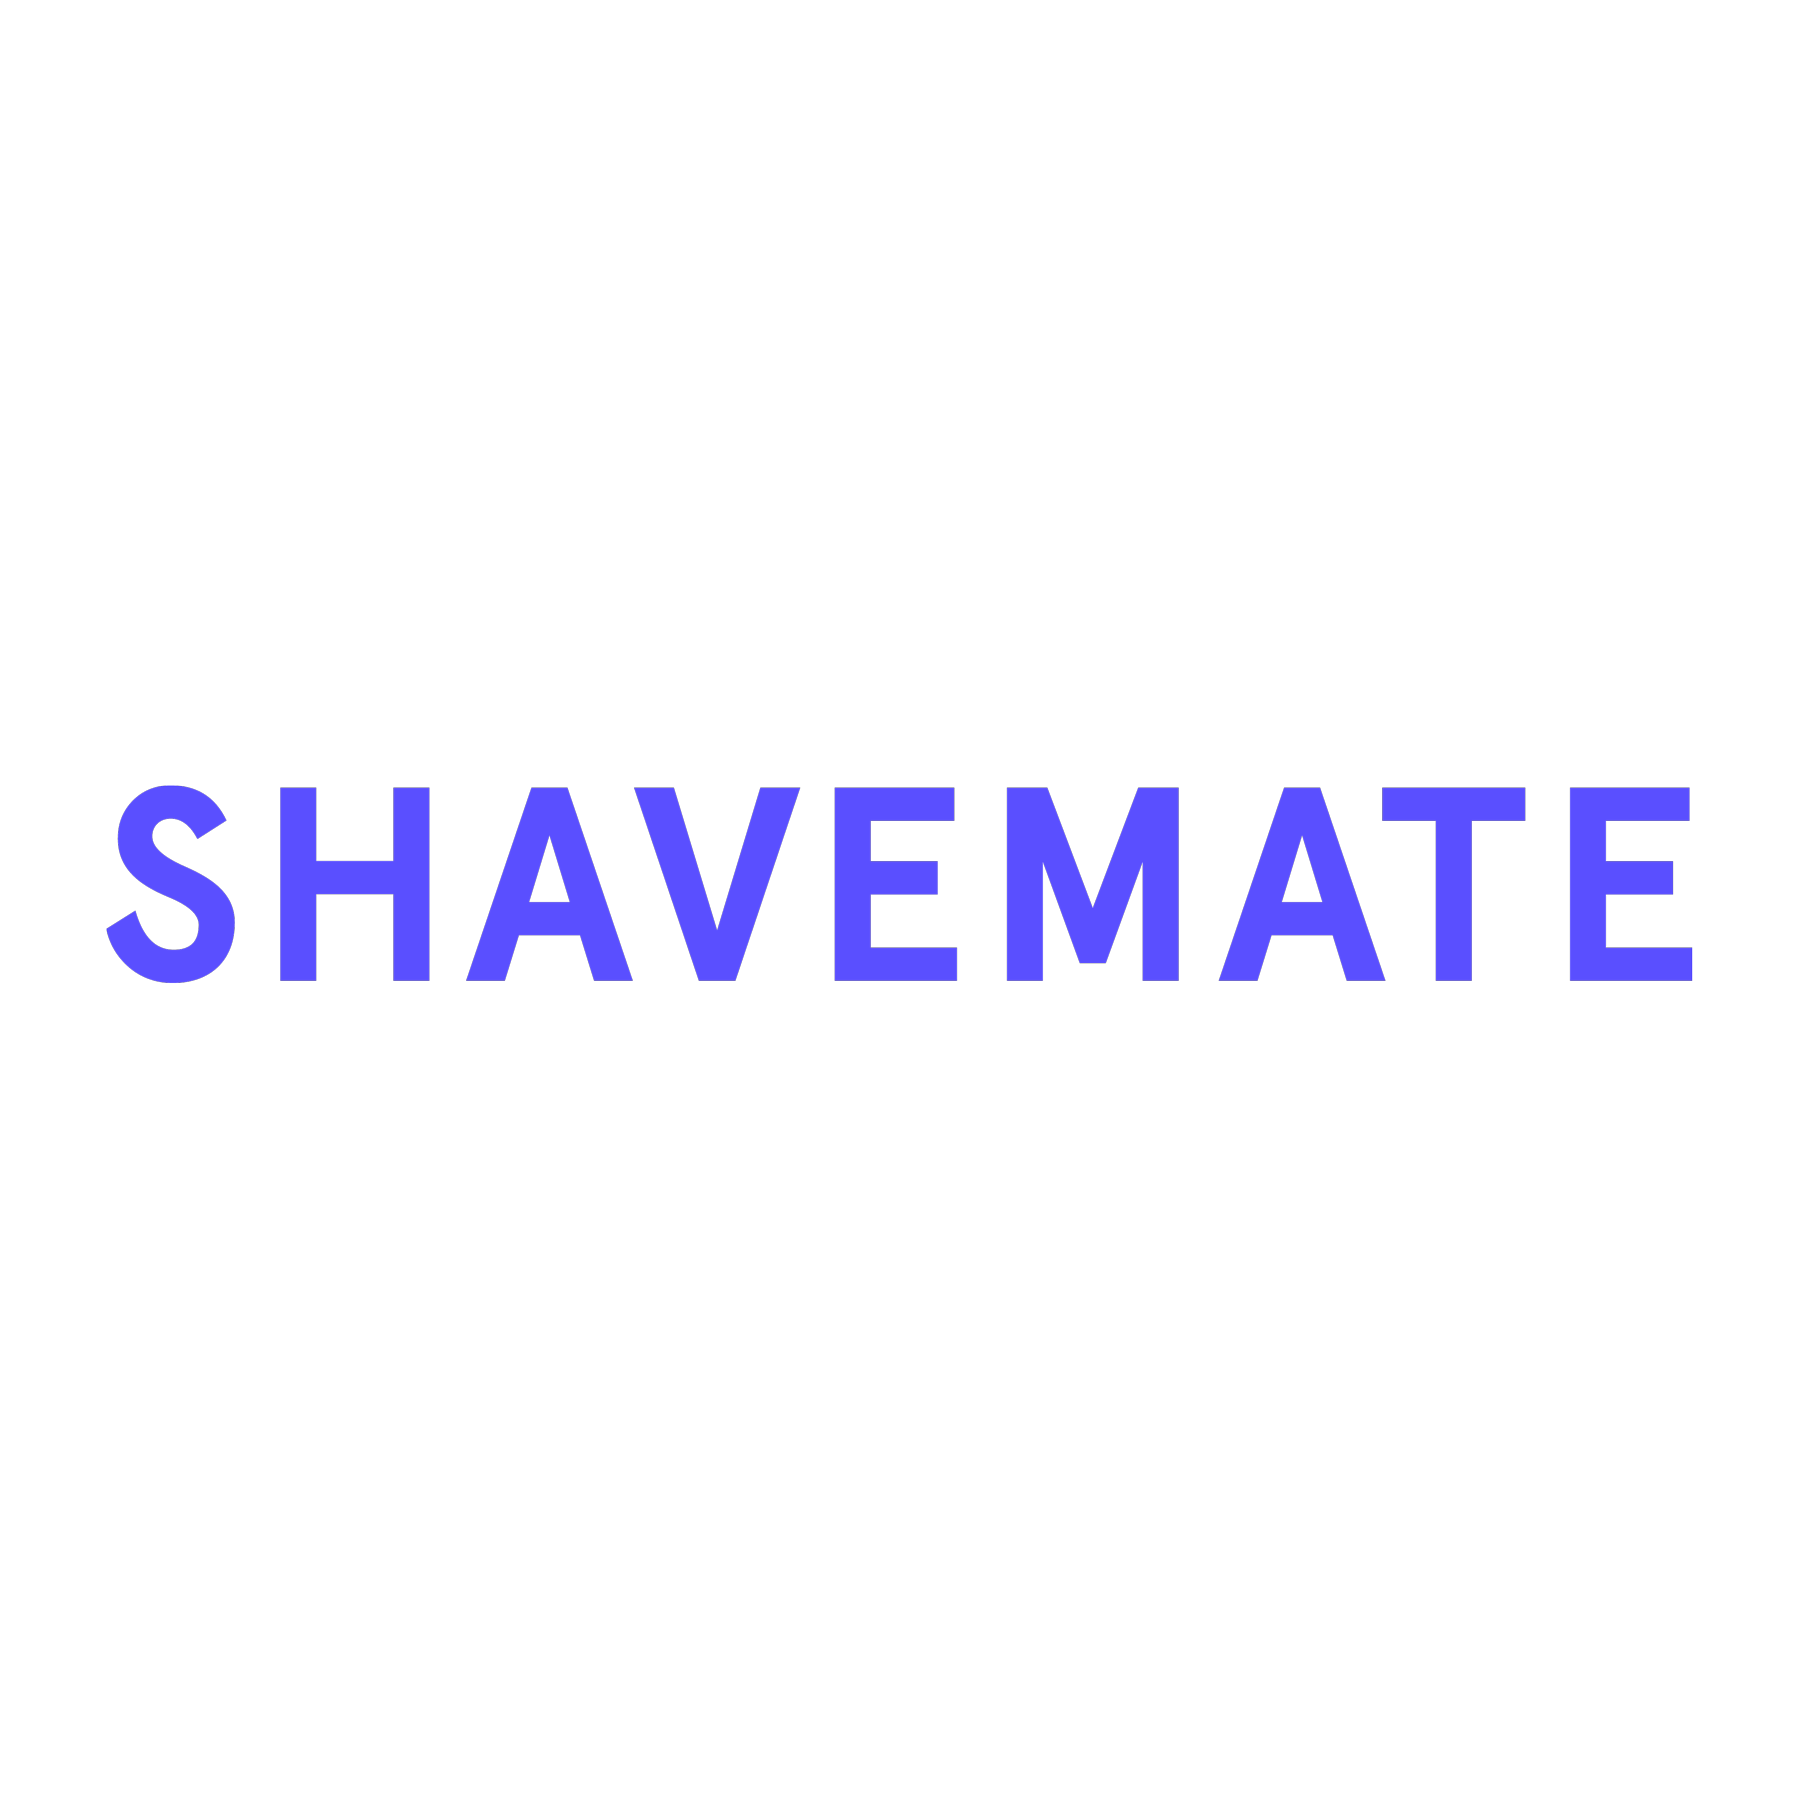 Shavemate - Groenewoud Marketing